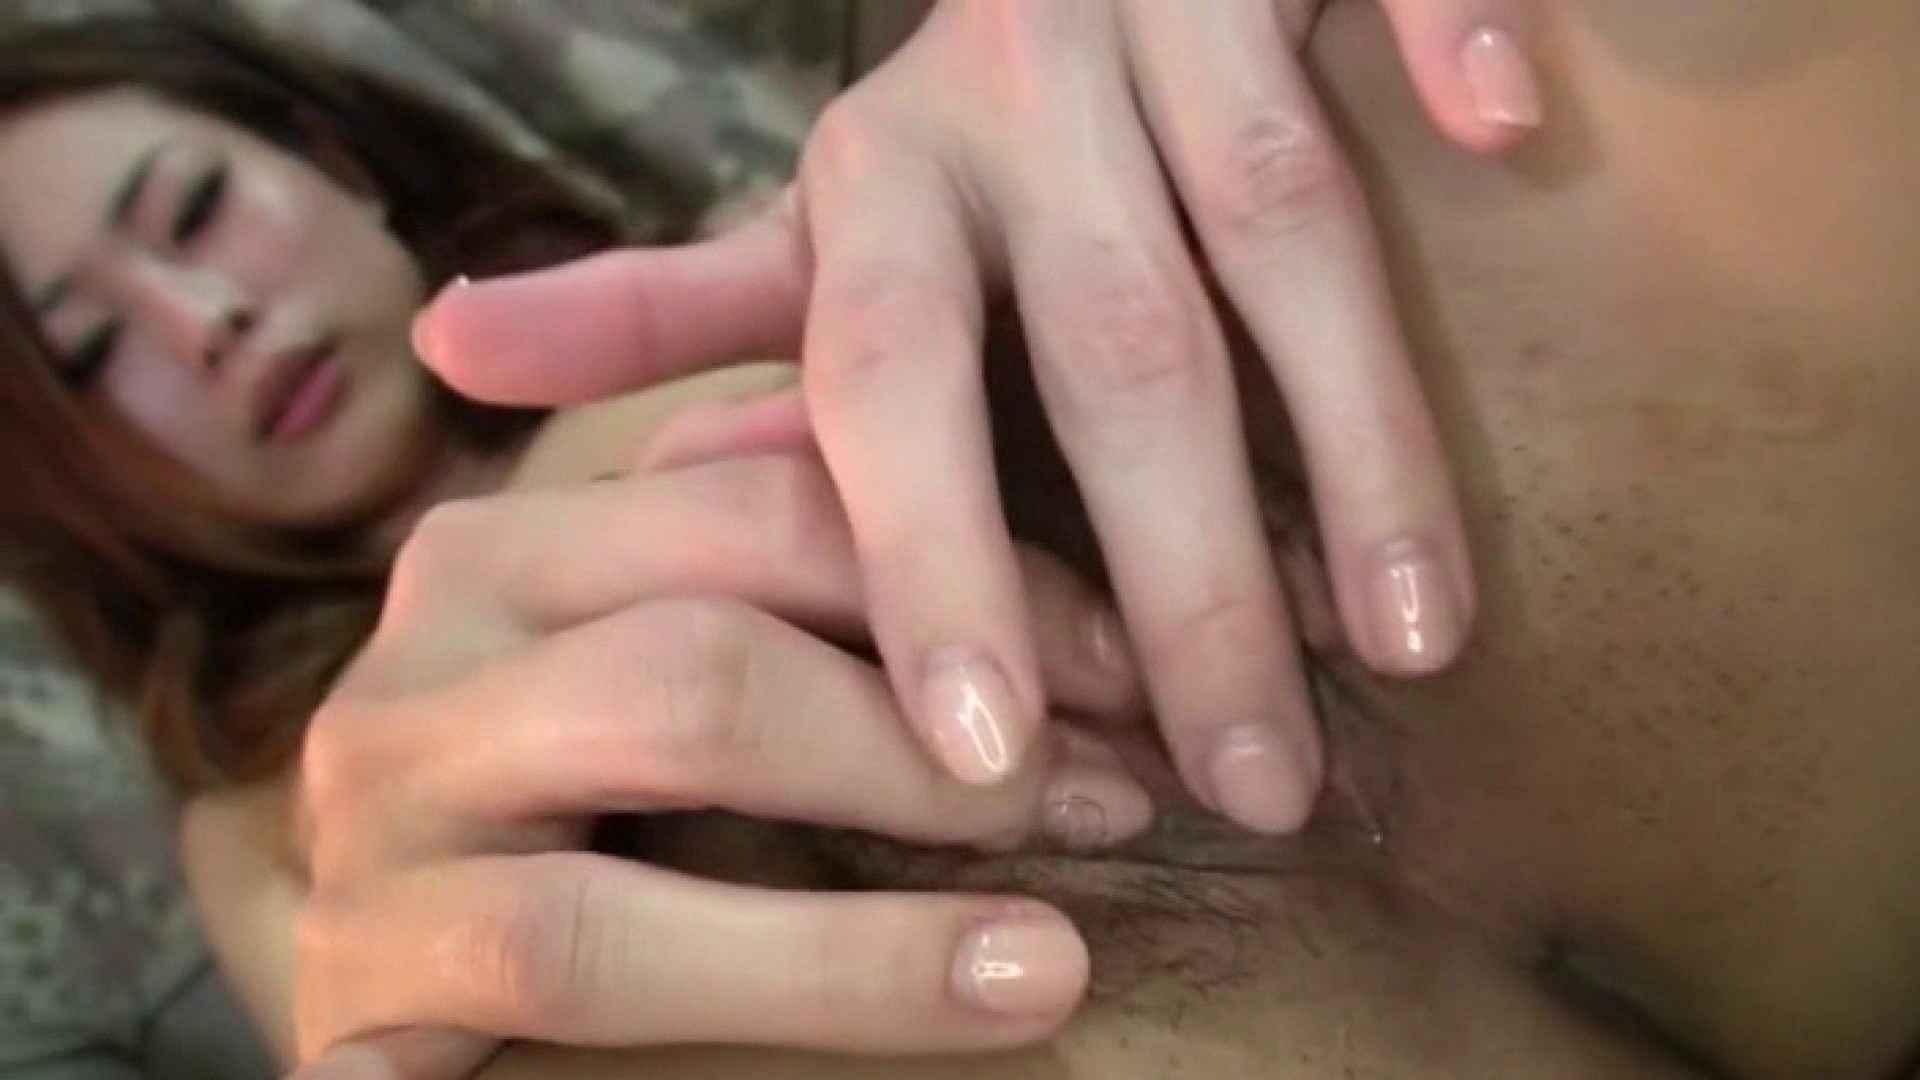 おしえてギャル子のH塾 Vol.34前編 マッサージ 盗撮画像 88pic 71